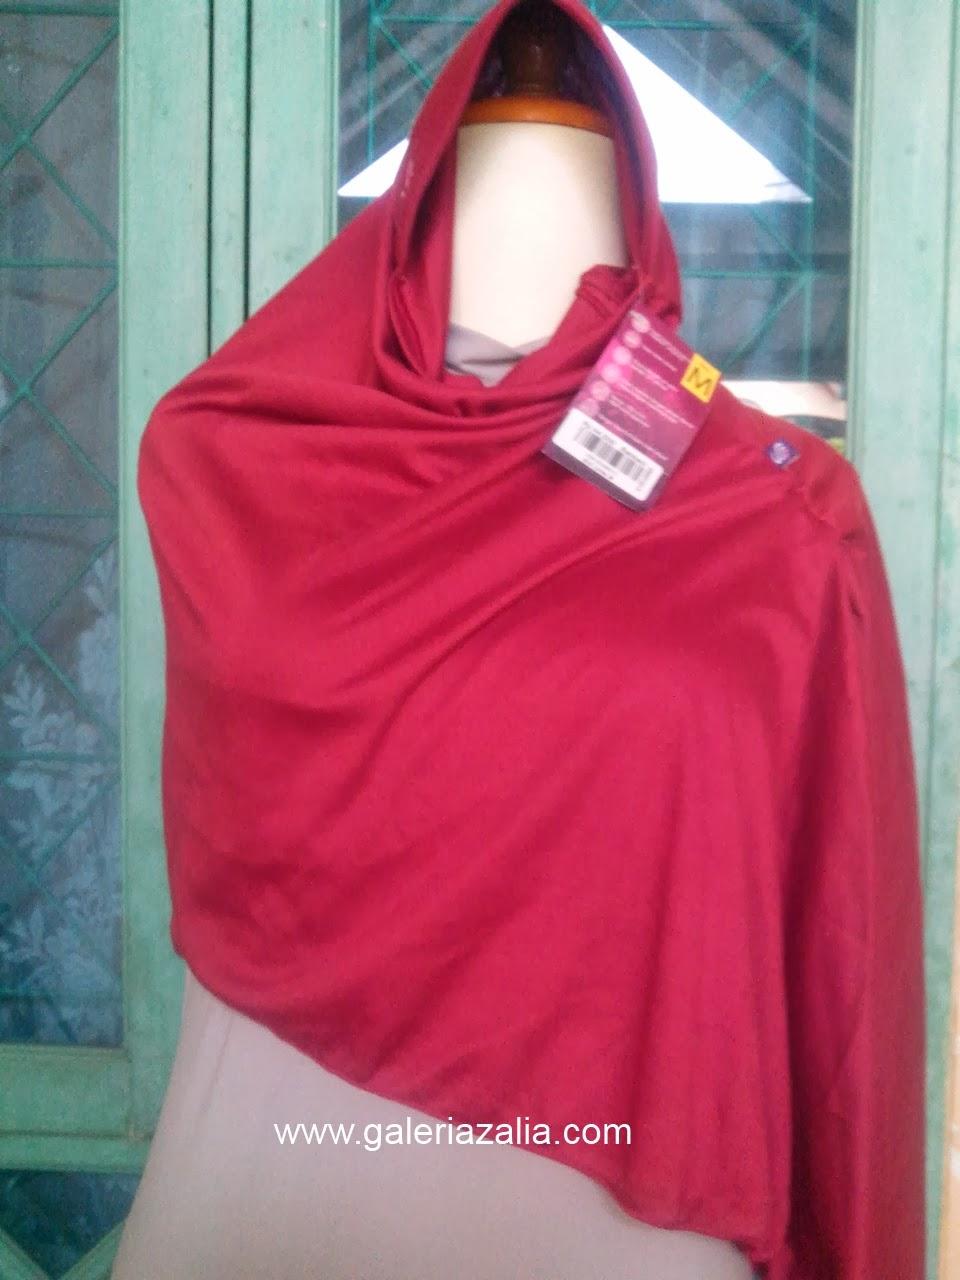 Galeri Azalia | Toko Online Baju Busana Muslim Modern dan Berkualitas ...